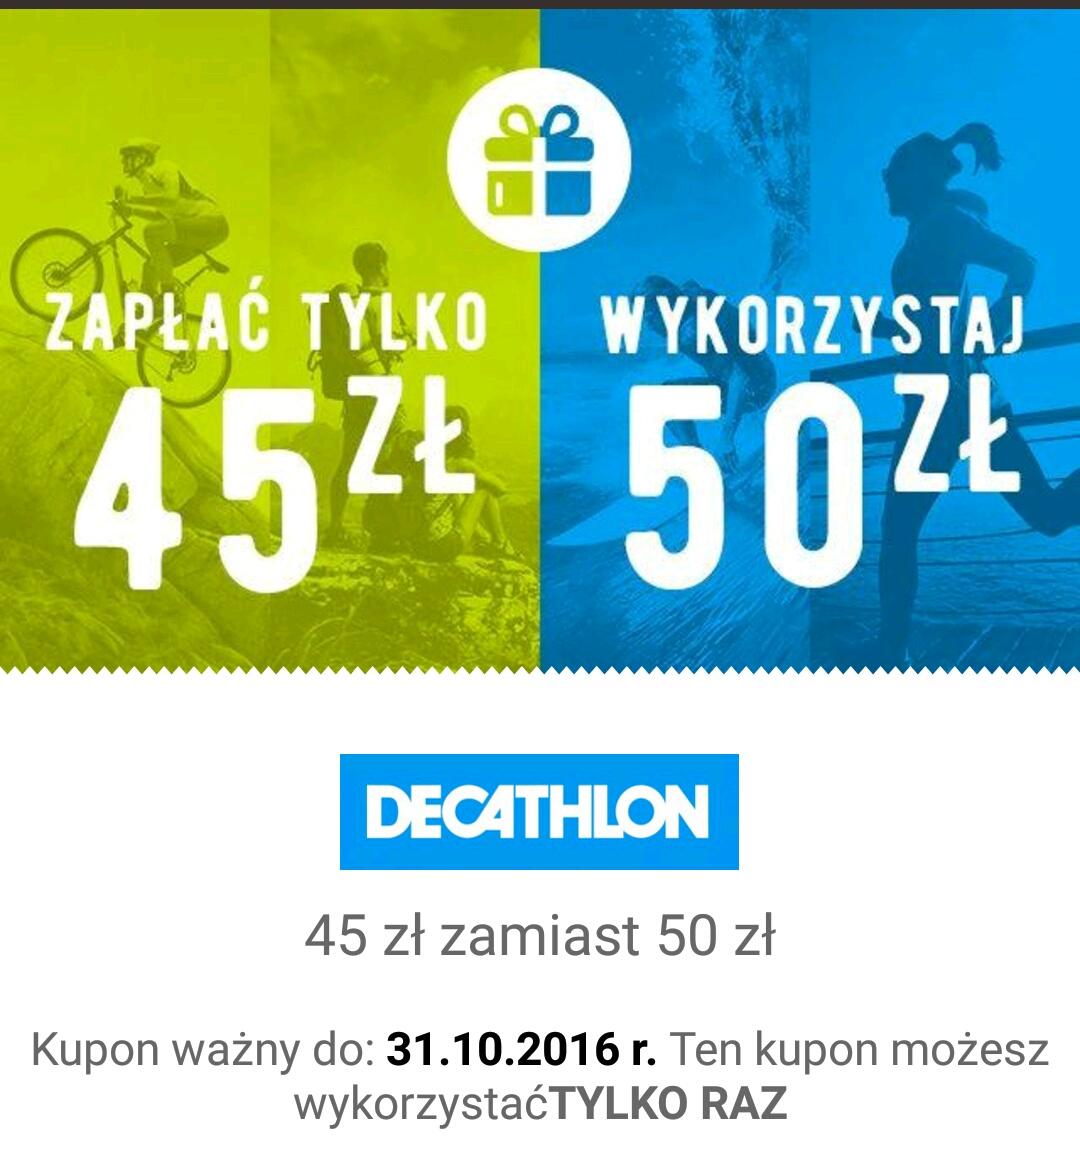 QPONY: Voucher o wartości 50zł do Decathlonu za 45zł